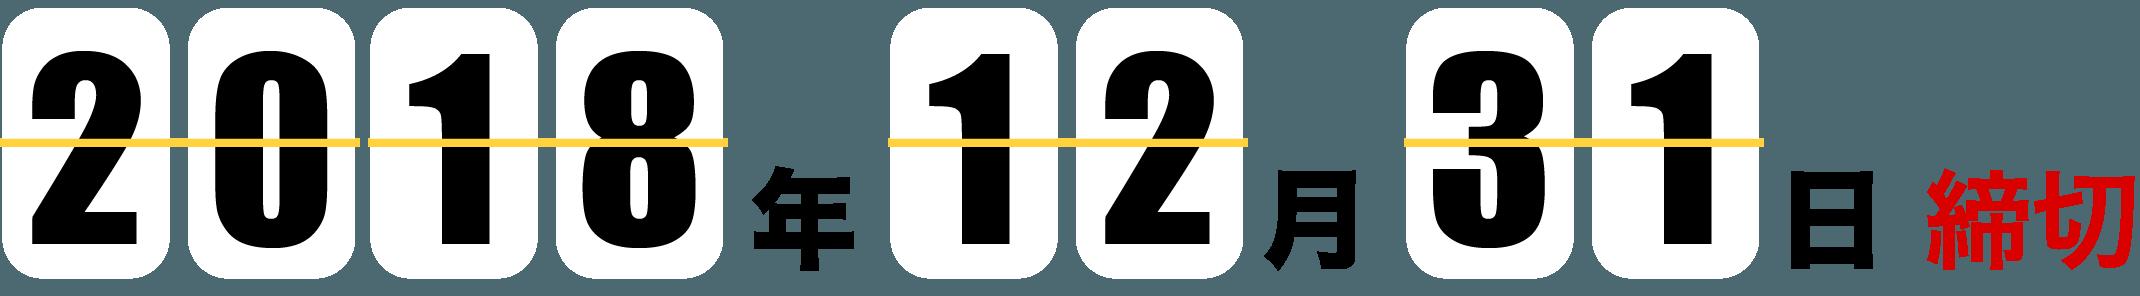 2018年12月31日締切